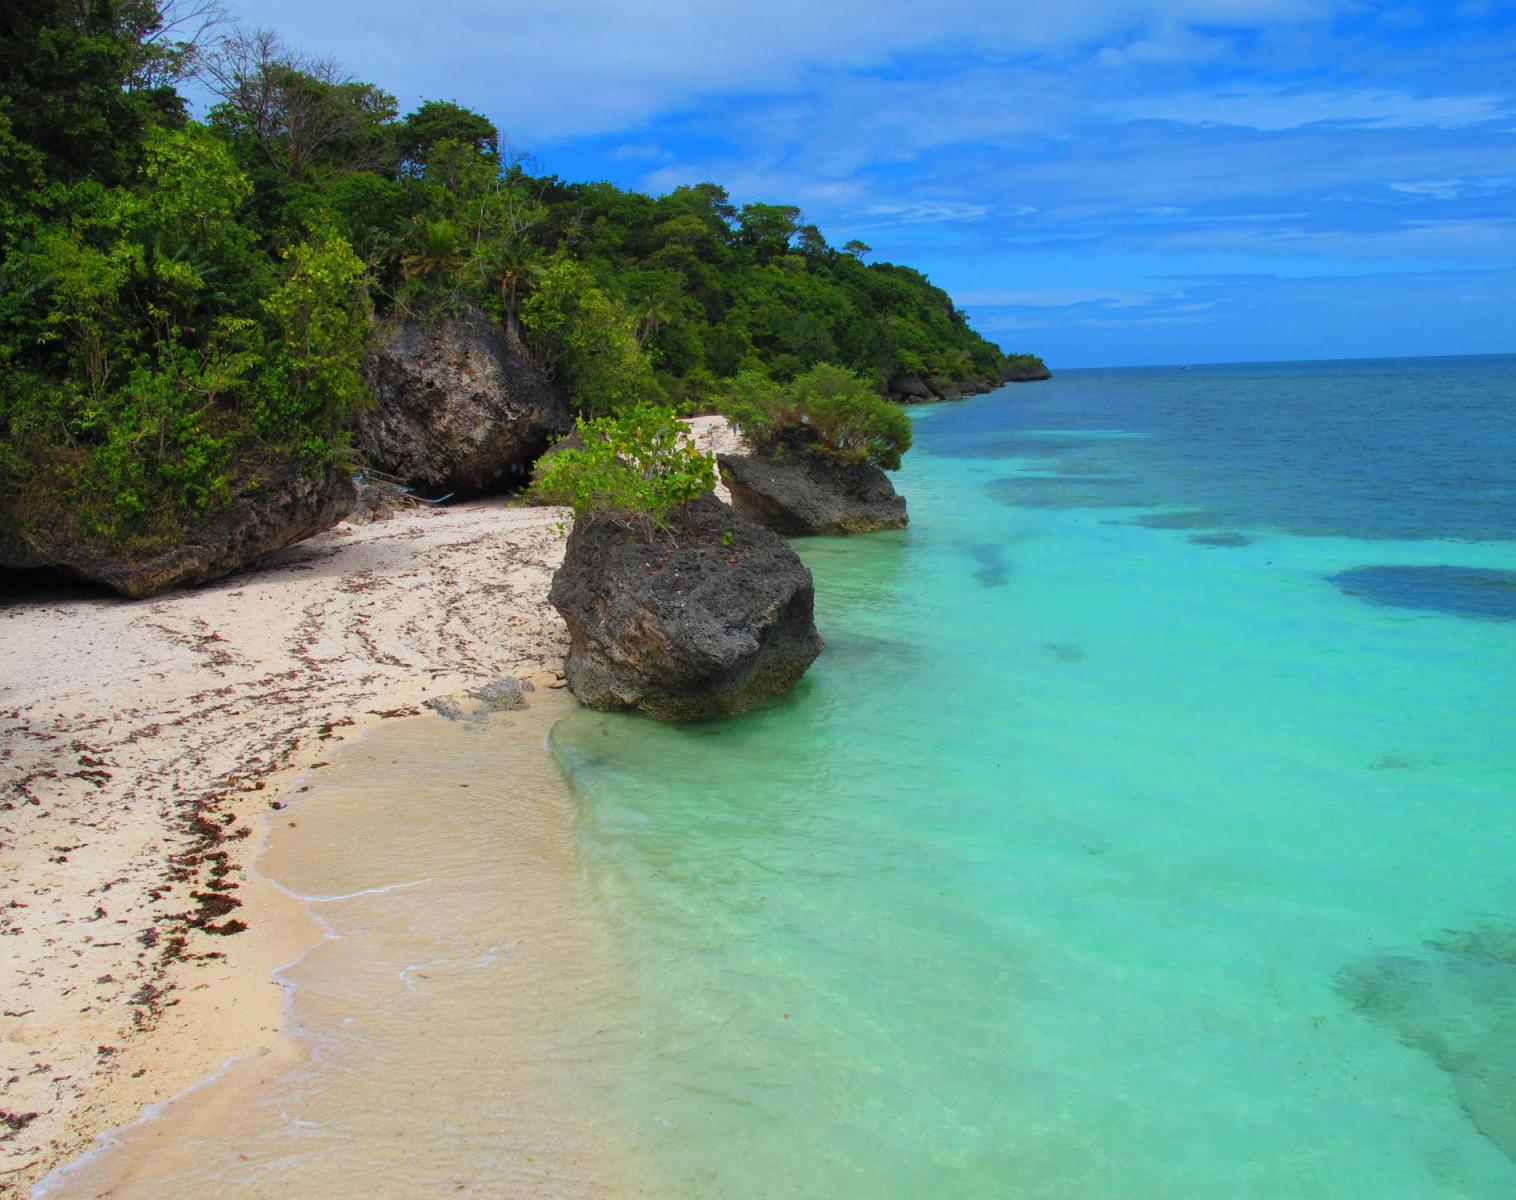 Philippines  Jungles, plages et fonds marins   Découverte Kayak & Canoë Navigation Apnée & Plongée  Balade nature Rencontres et cultures du Monde